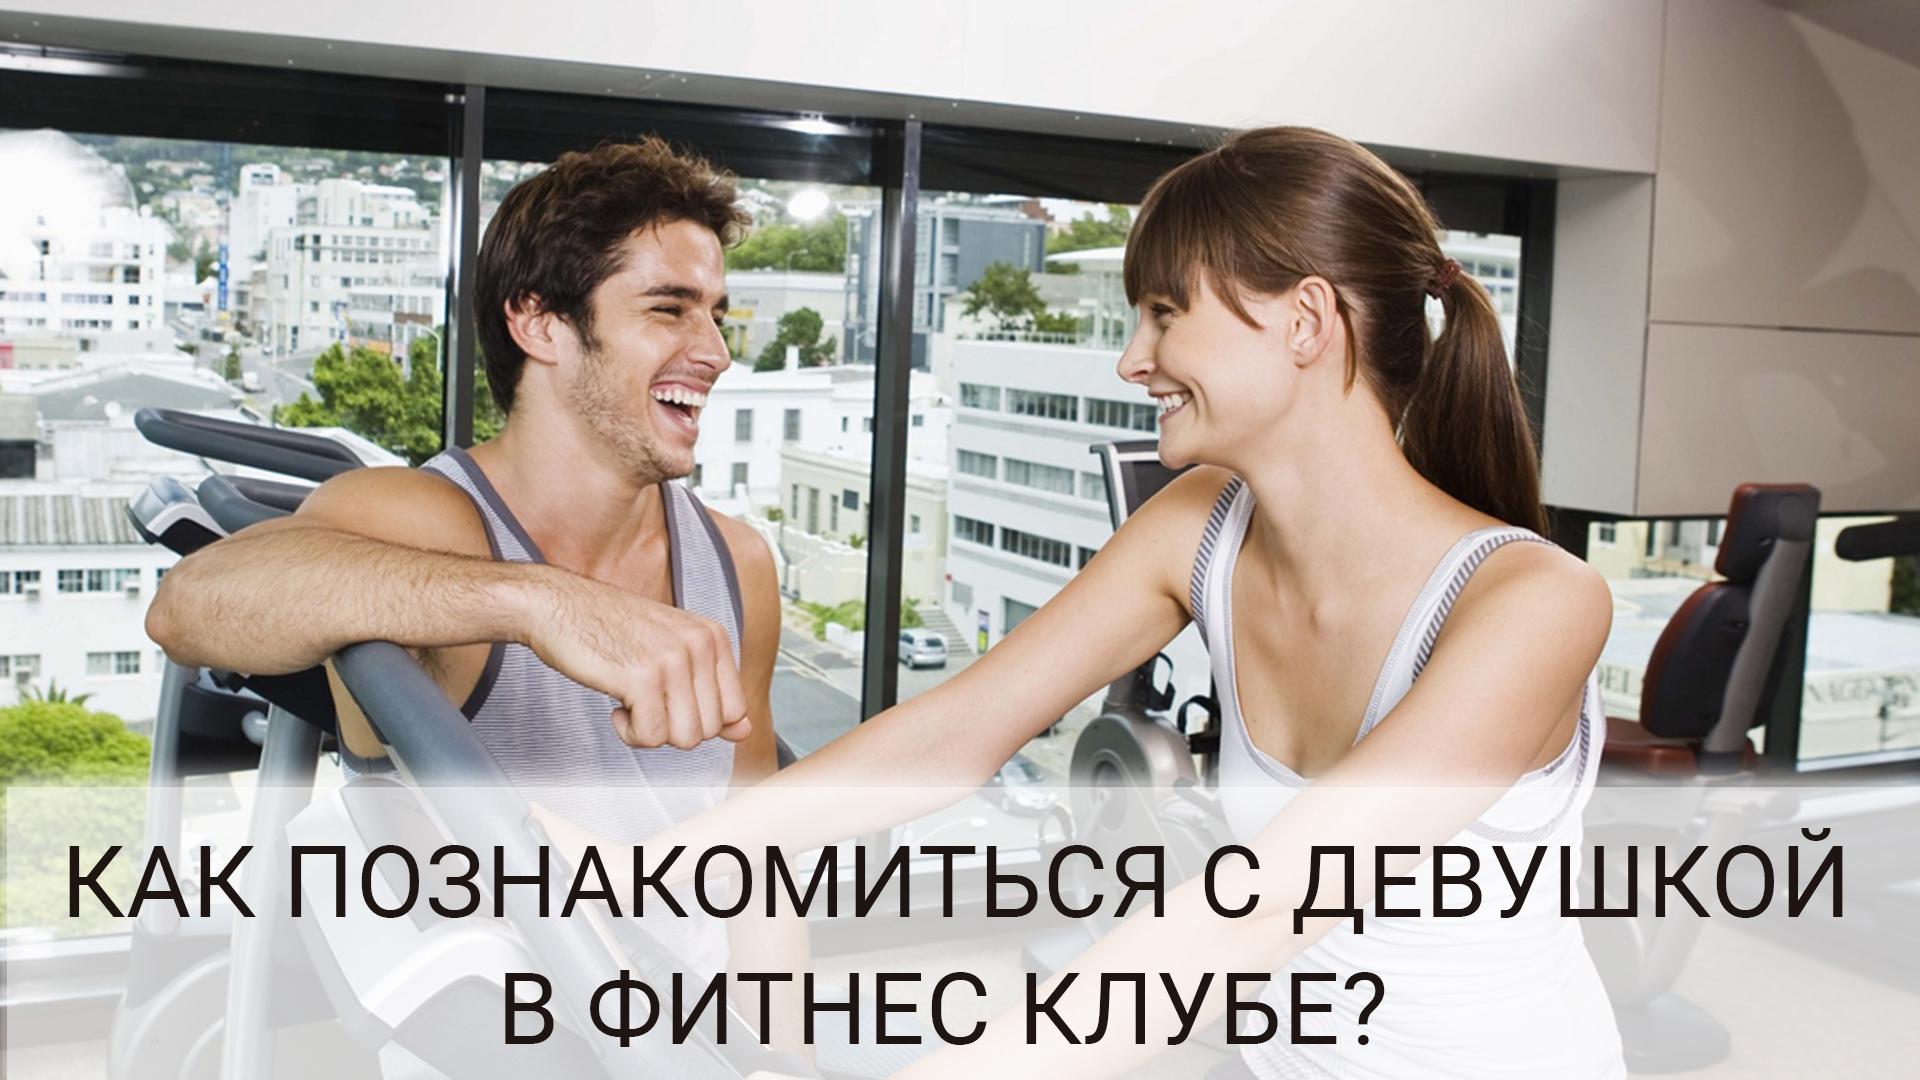 Как познакомиться с девушкой в тренажерном зале?